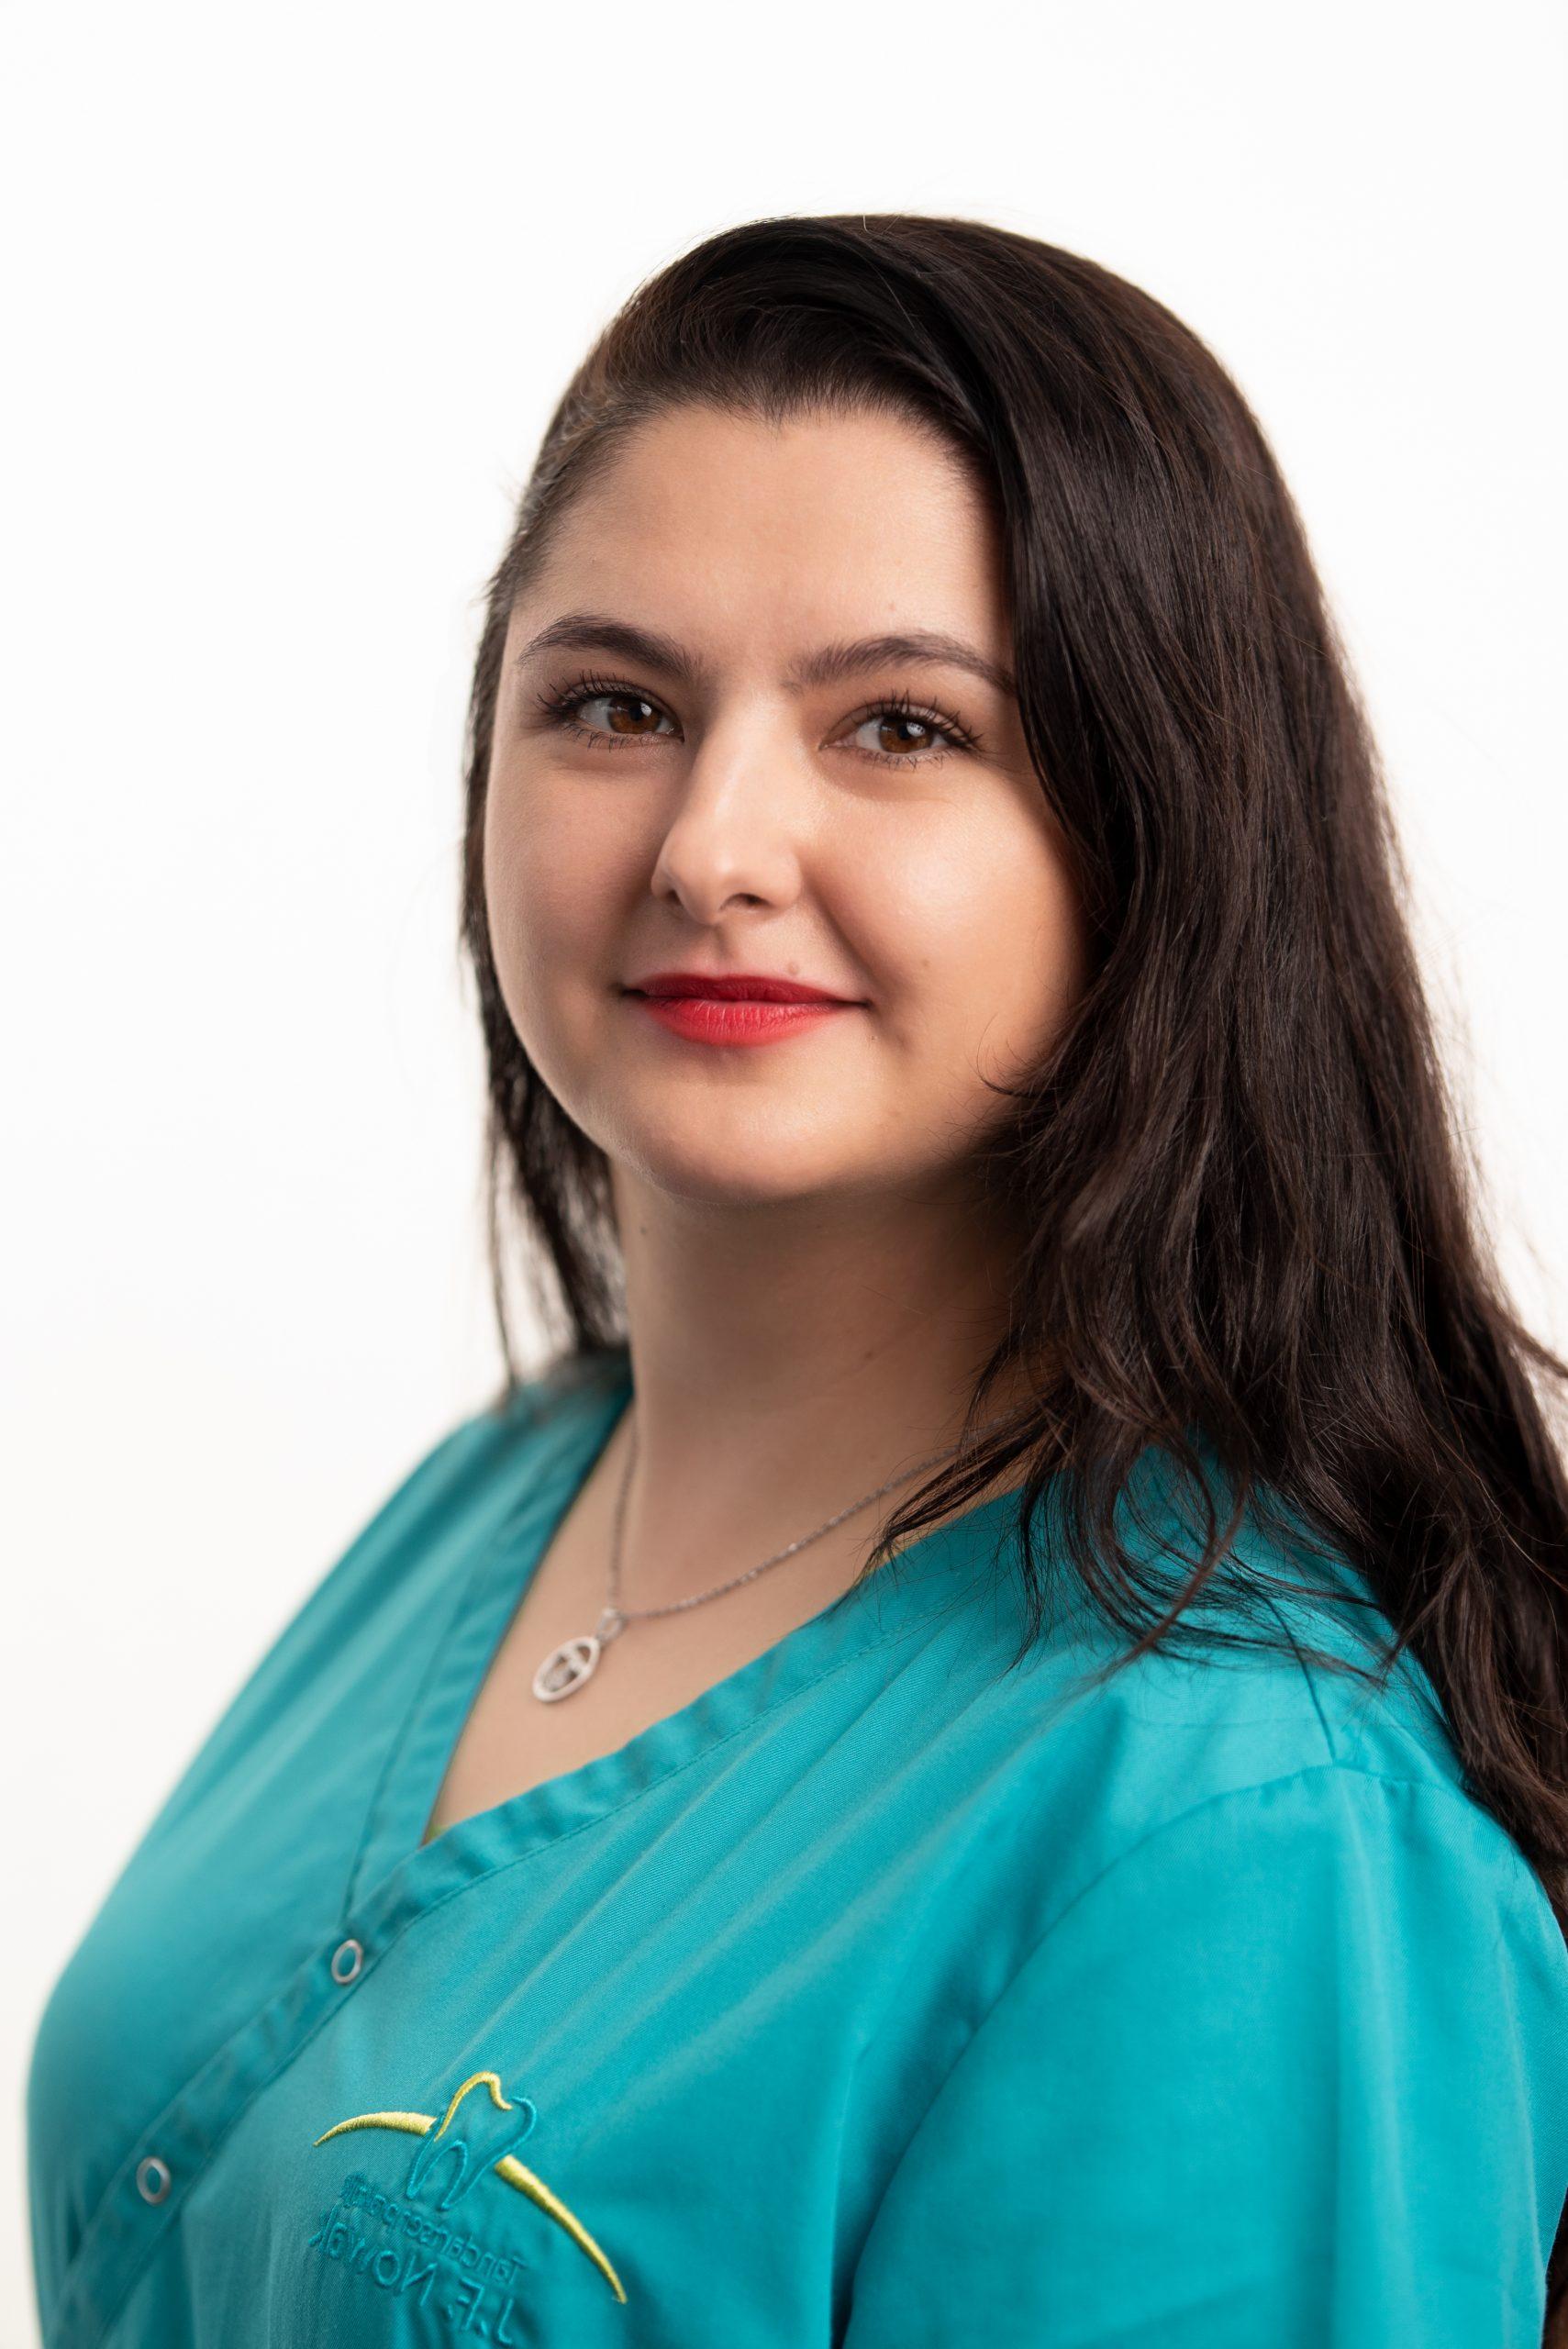 Darina Rybakova